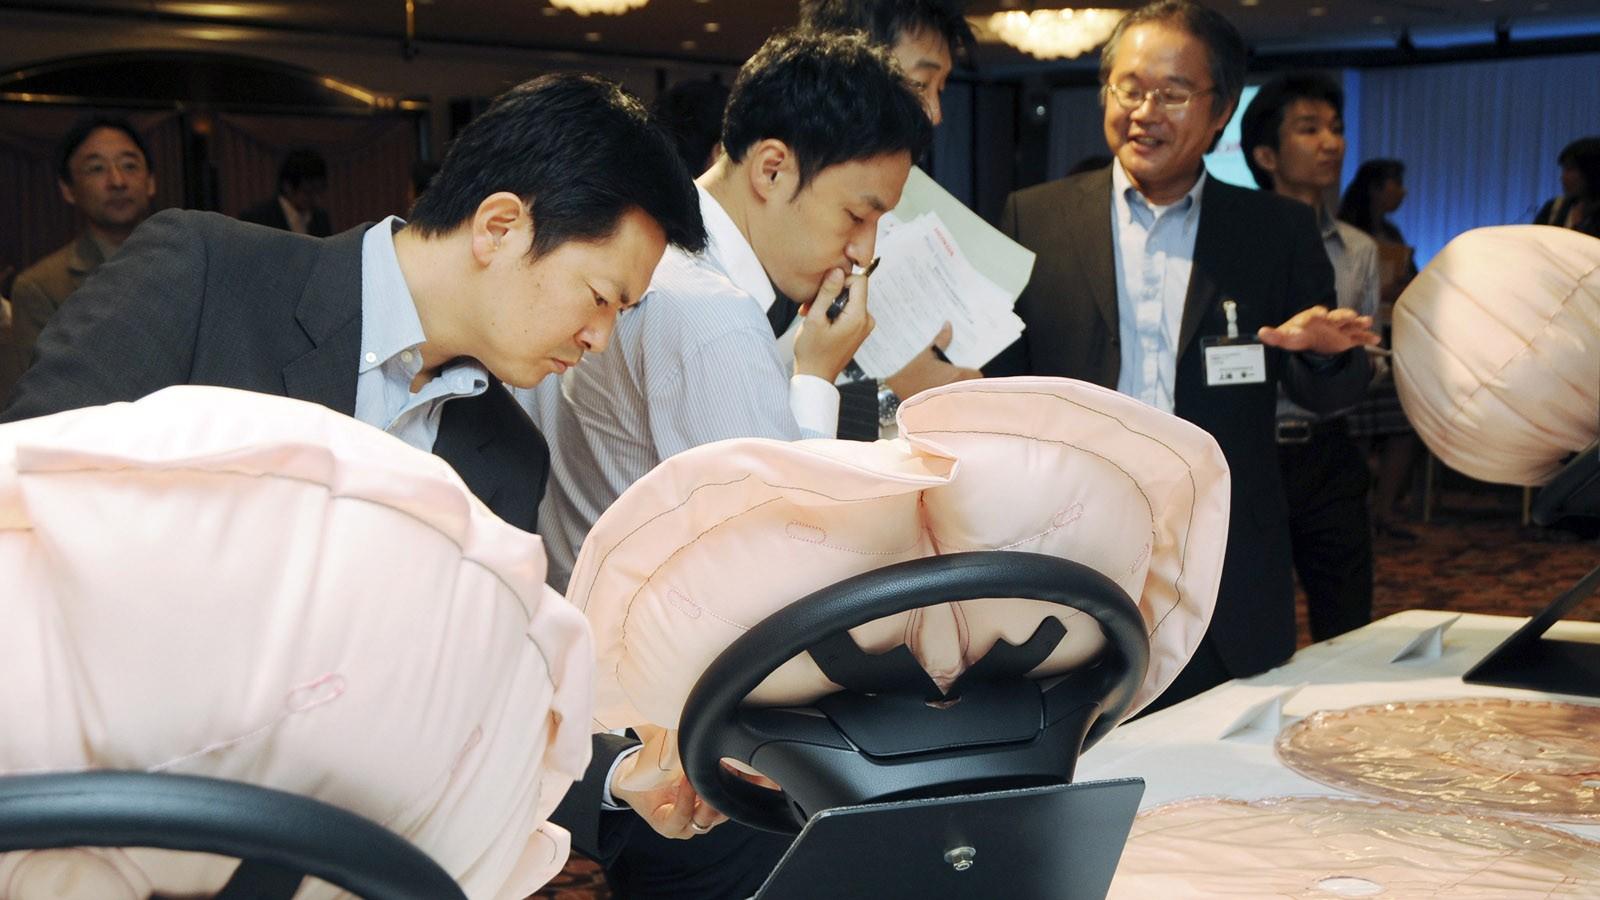 В США официально подтвердили угрозу подушек Takata 1